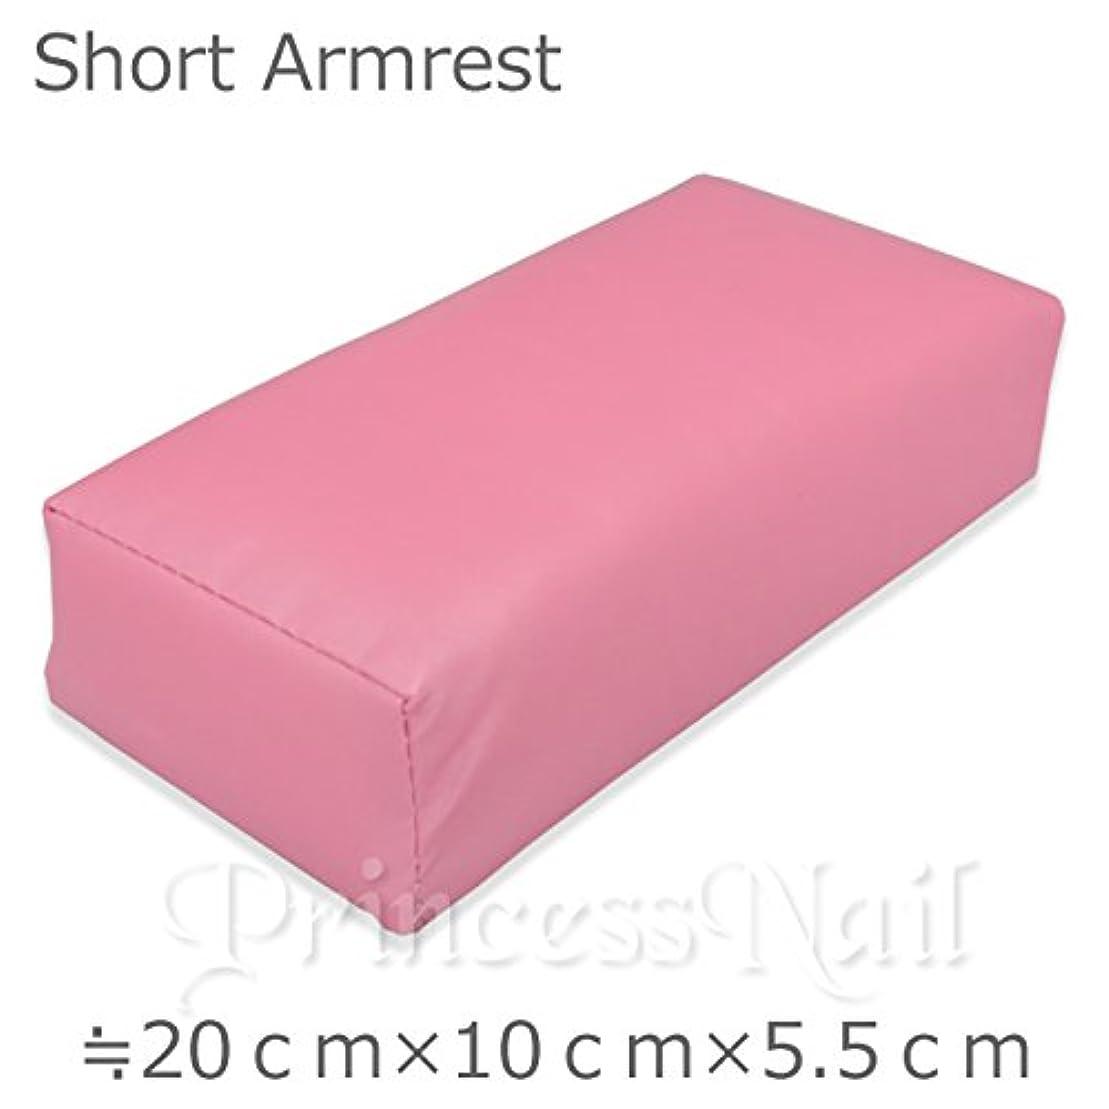 ラインナップ不利益ひねりネイルケア用アームレスト ショートタイプ Color:Pink size:D10cm×W20cm×H5.5cm